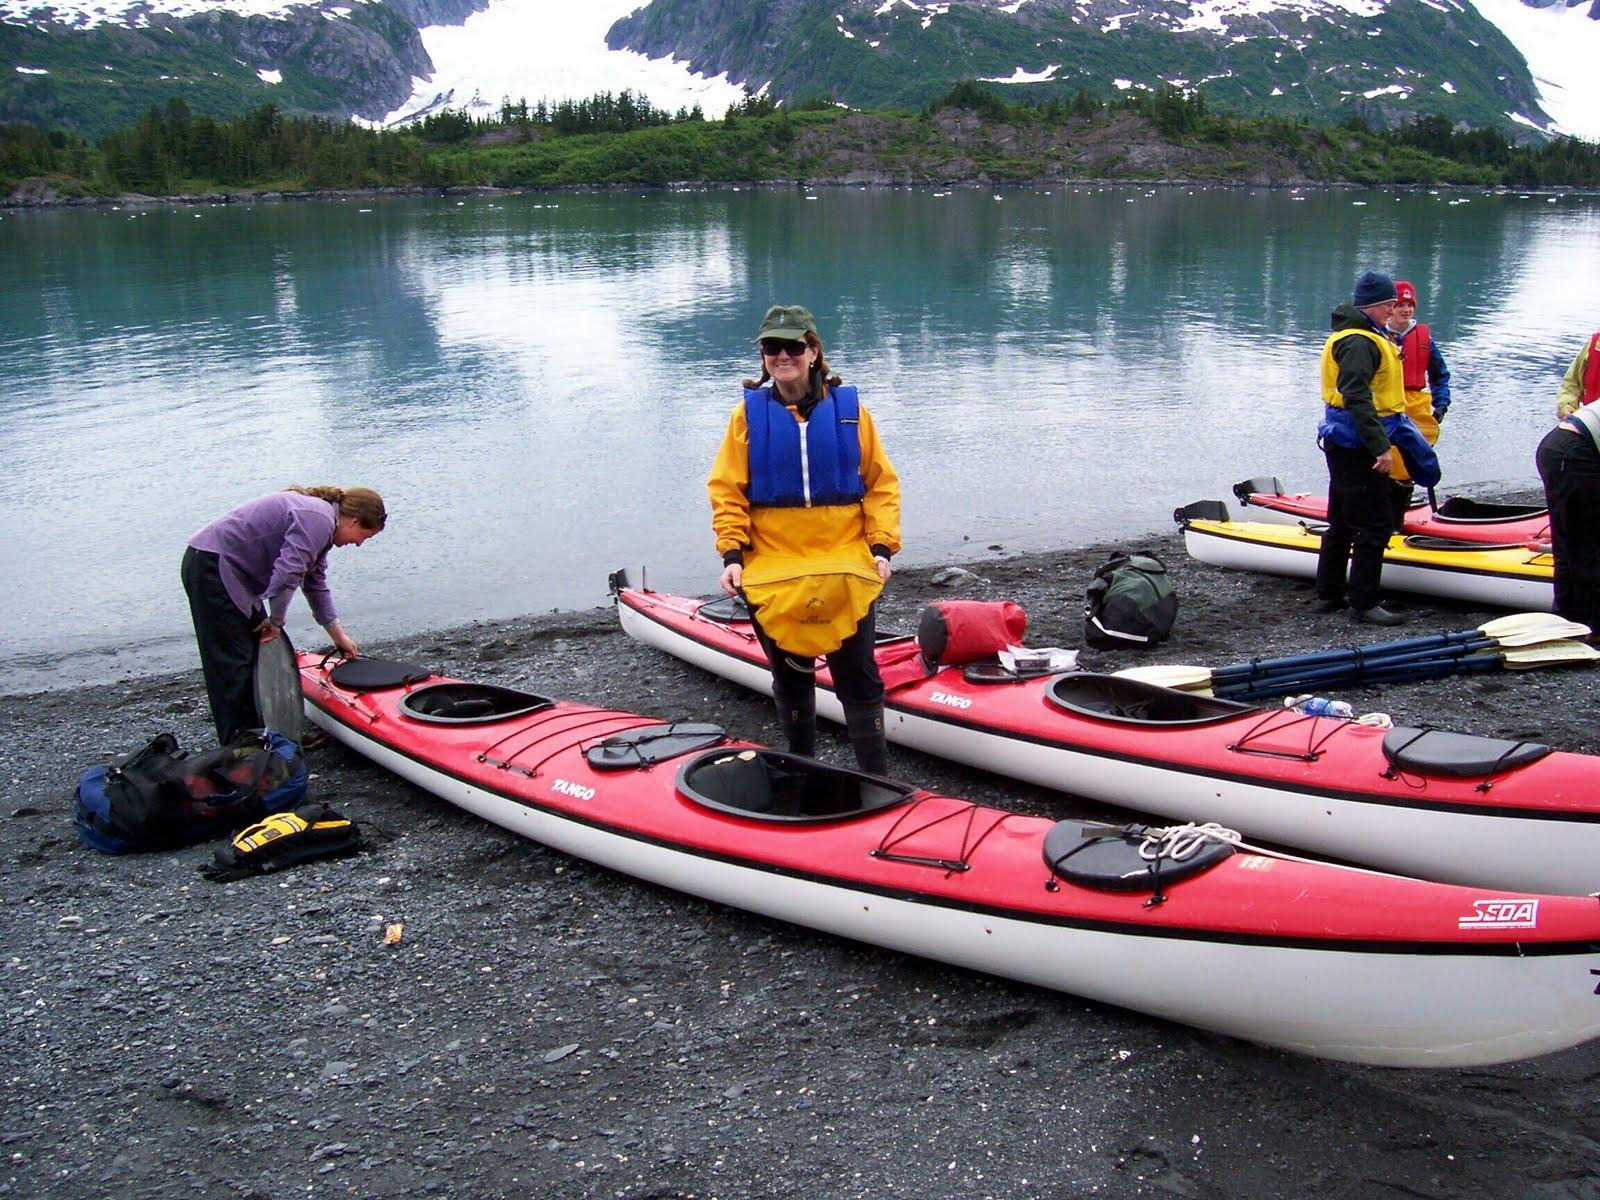 [Kayaking+-+Dressed+for+Kayaking_1.jpg]